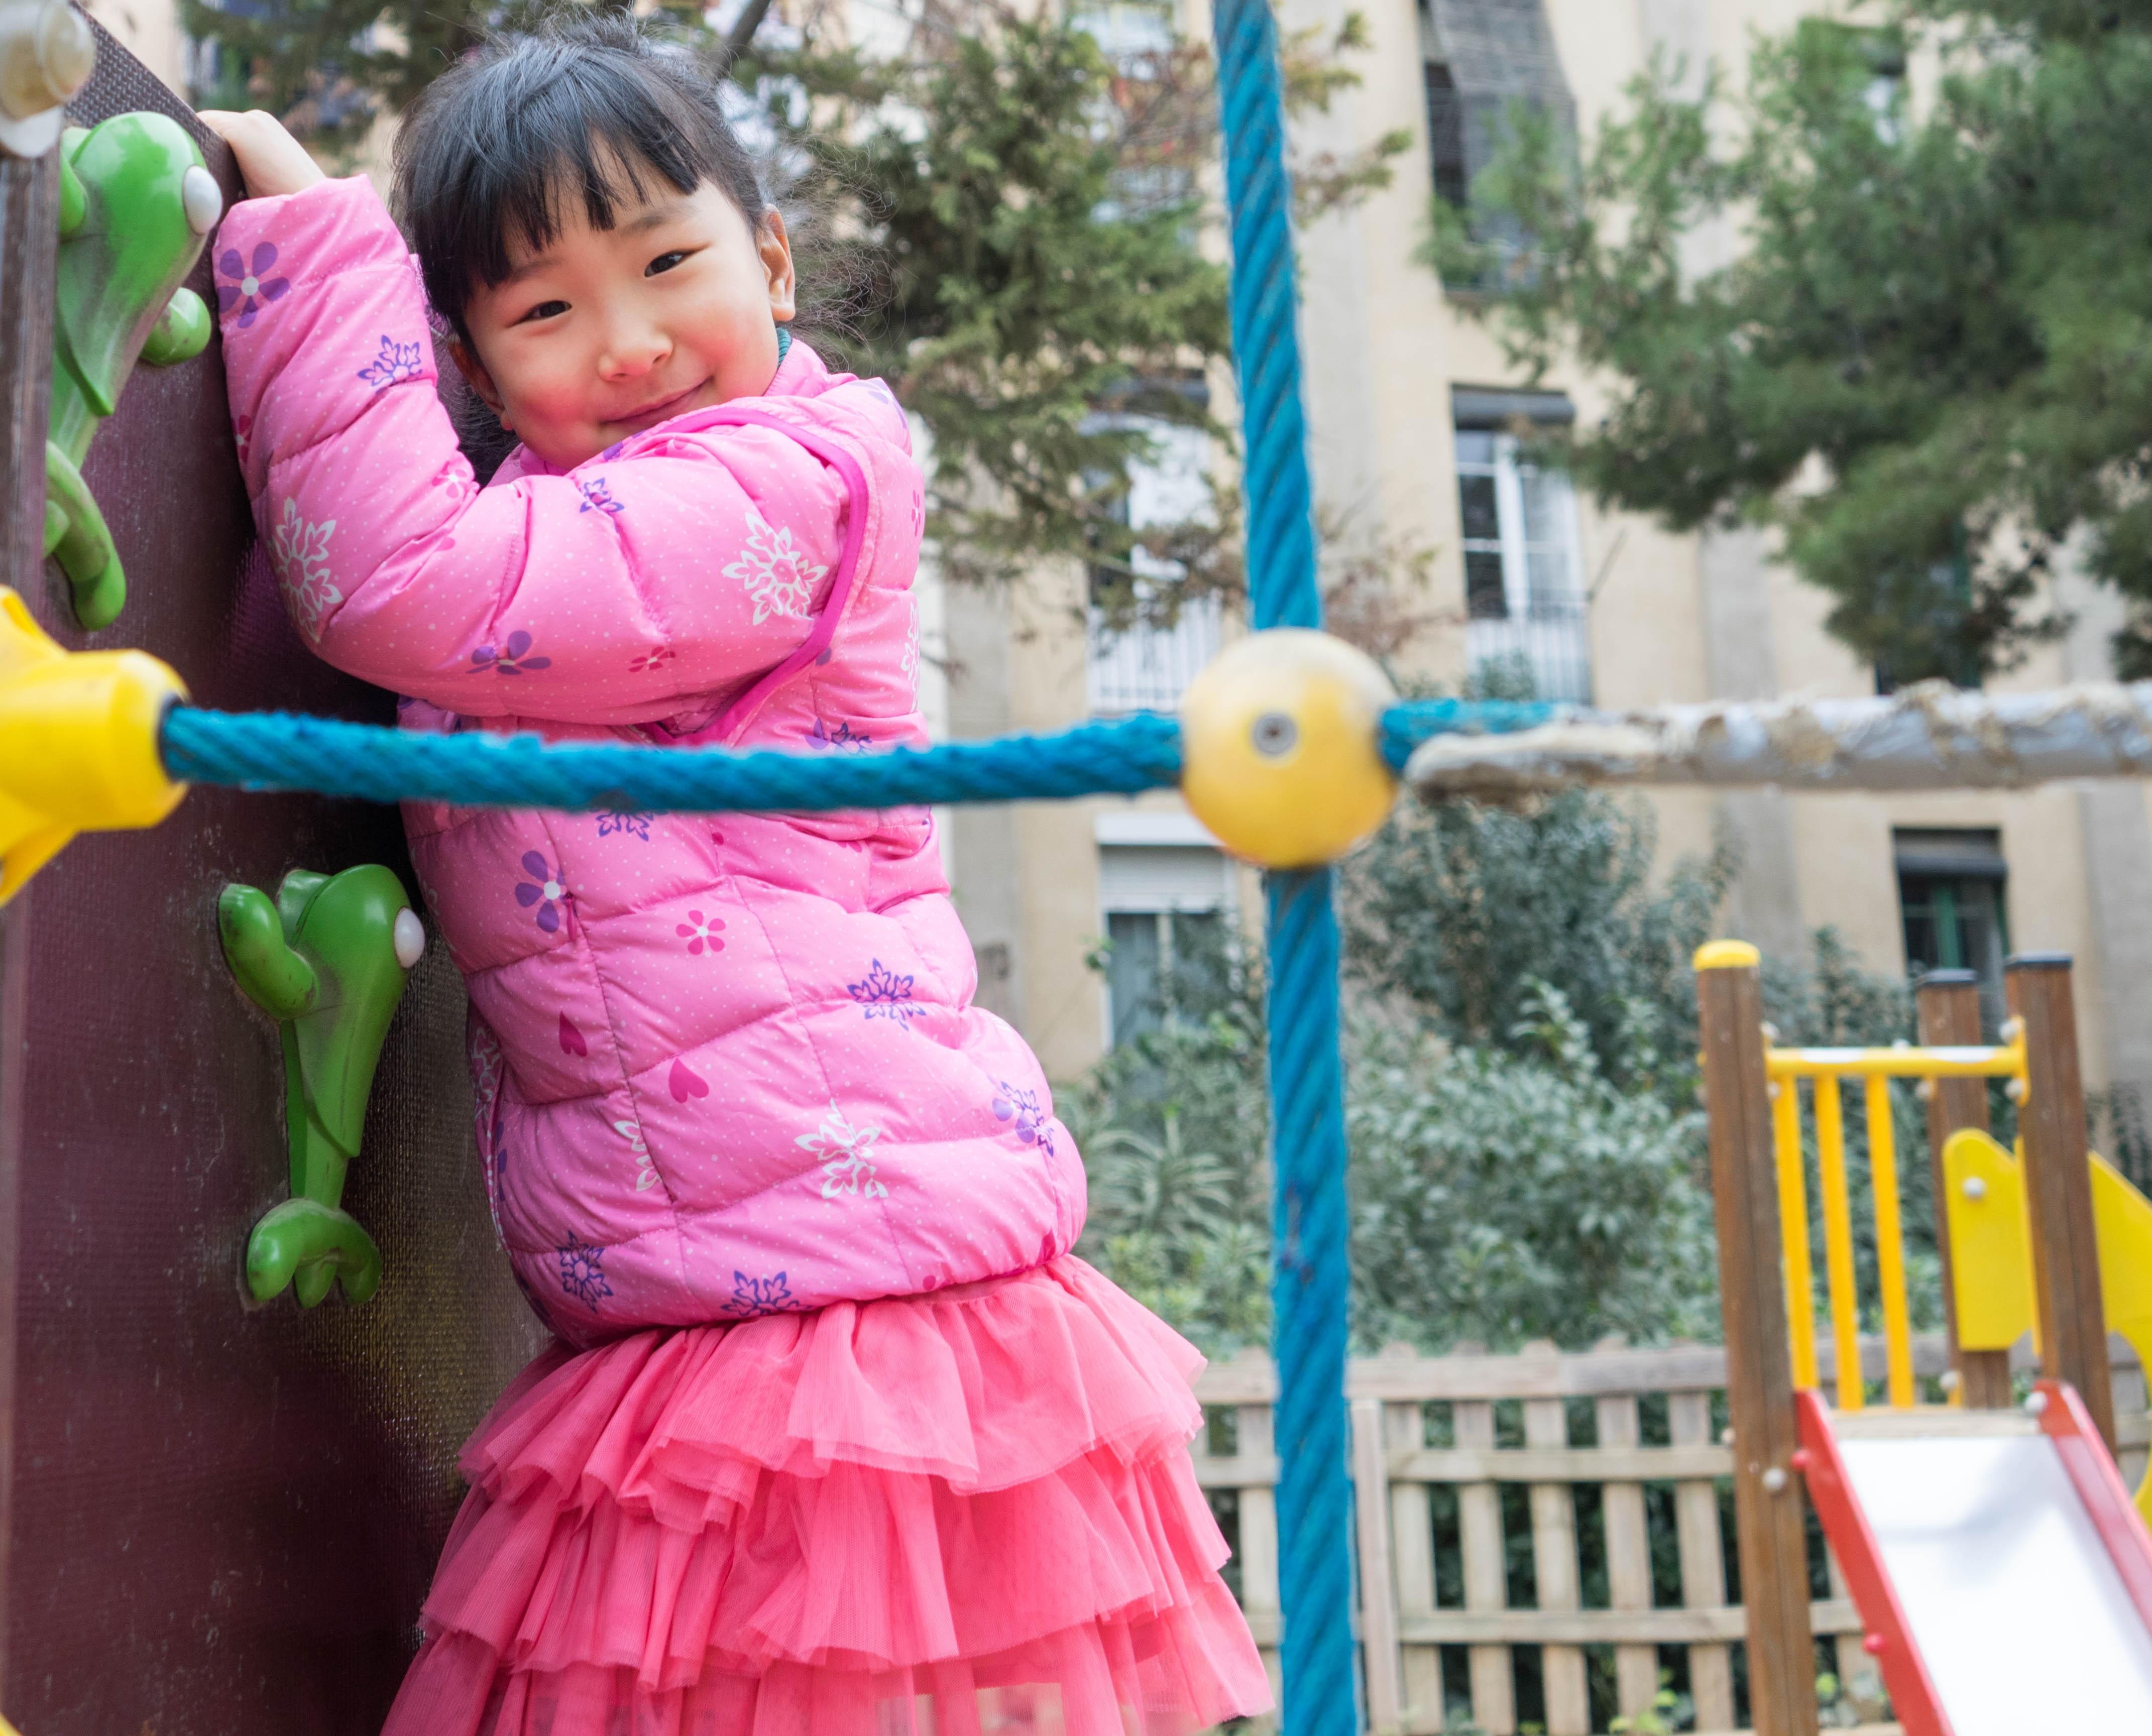 Fotos gratis : persona, gente, niña, jugar, niño, hembra, joven ...